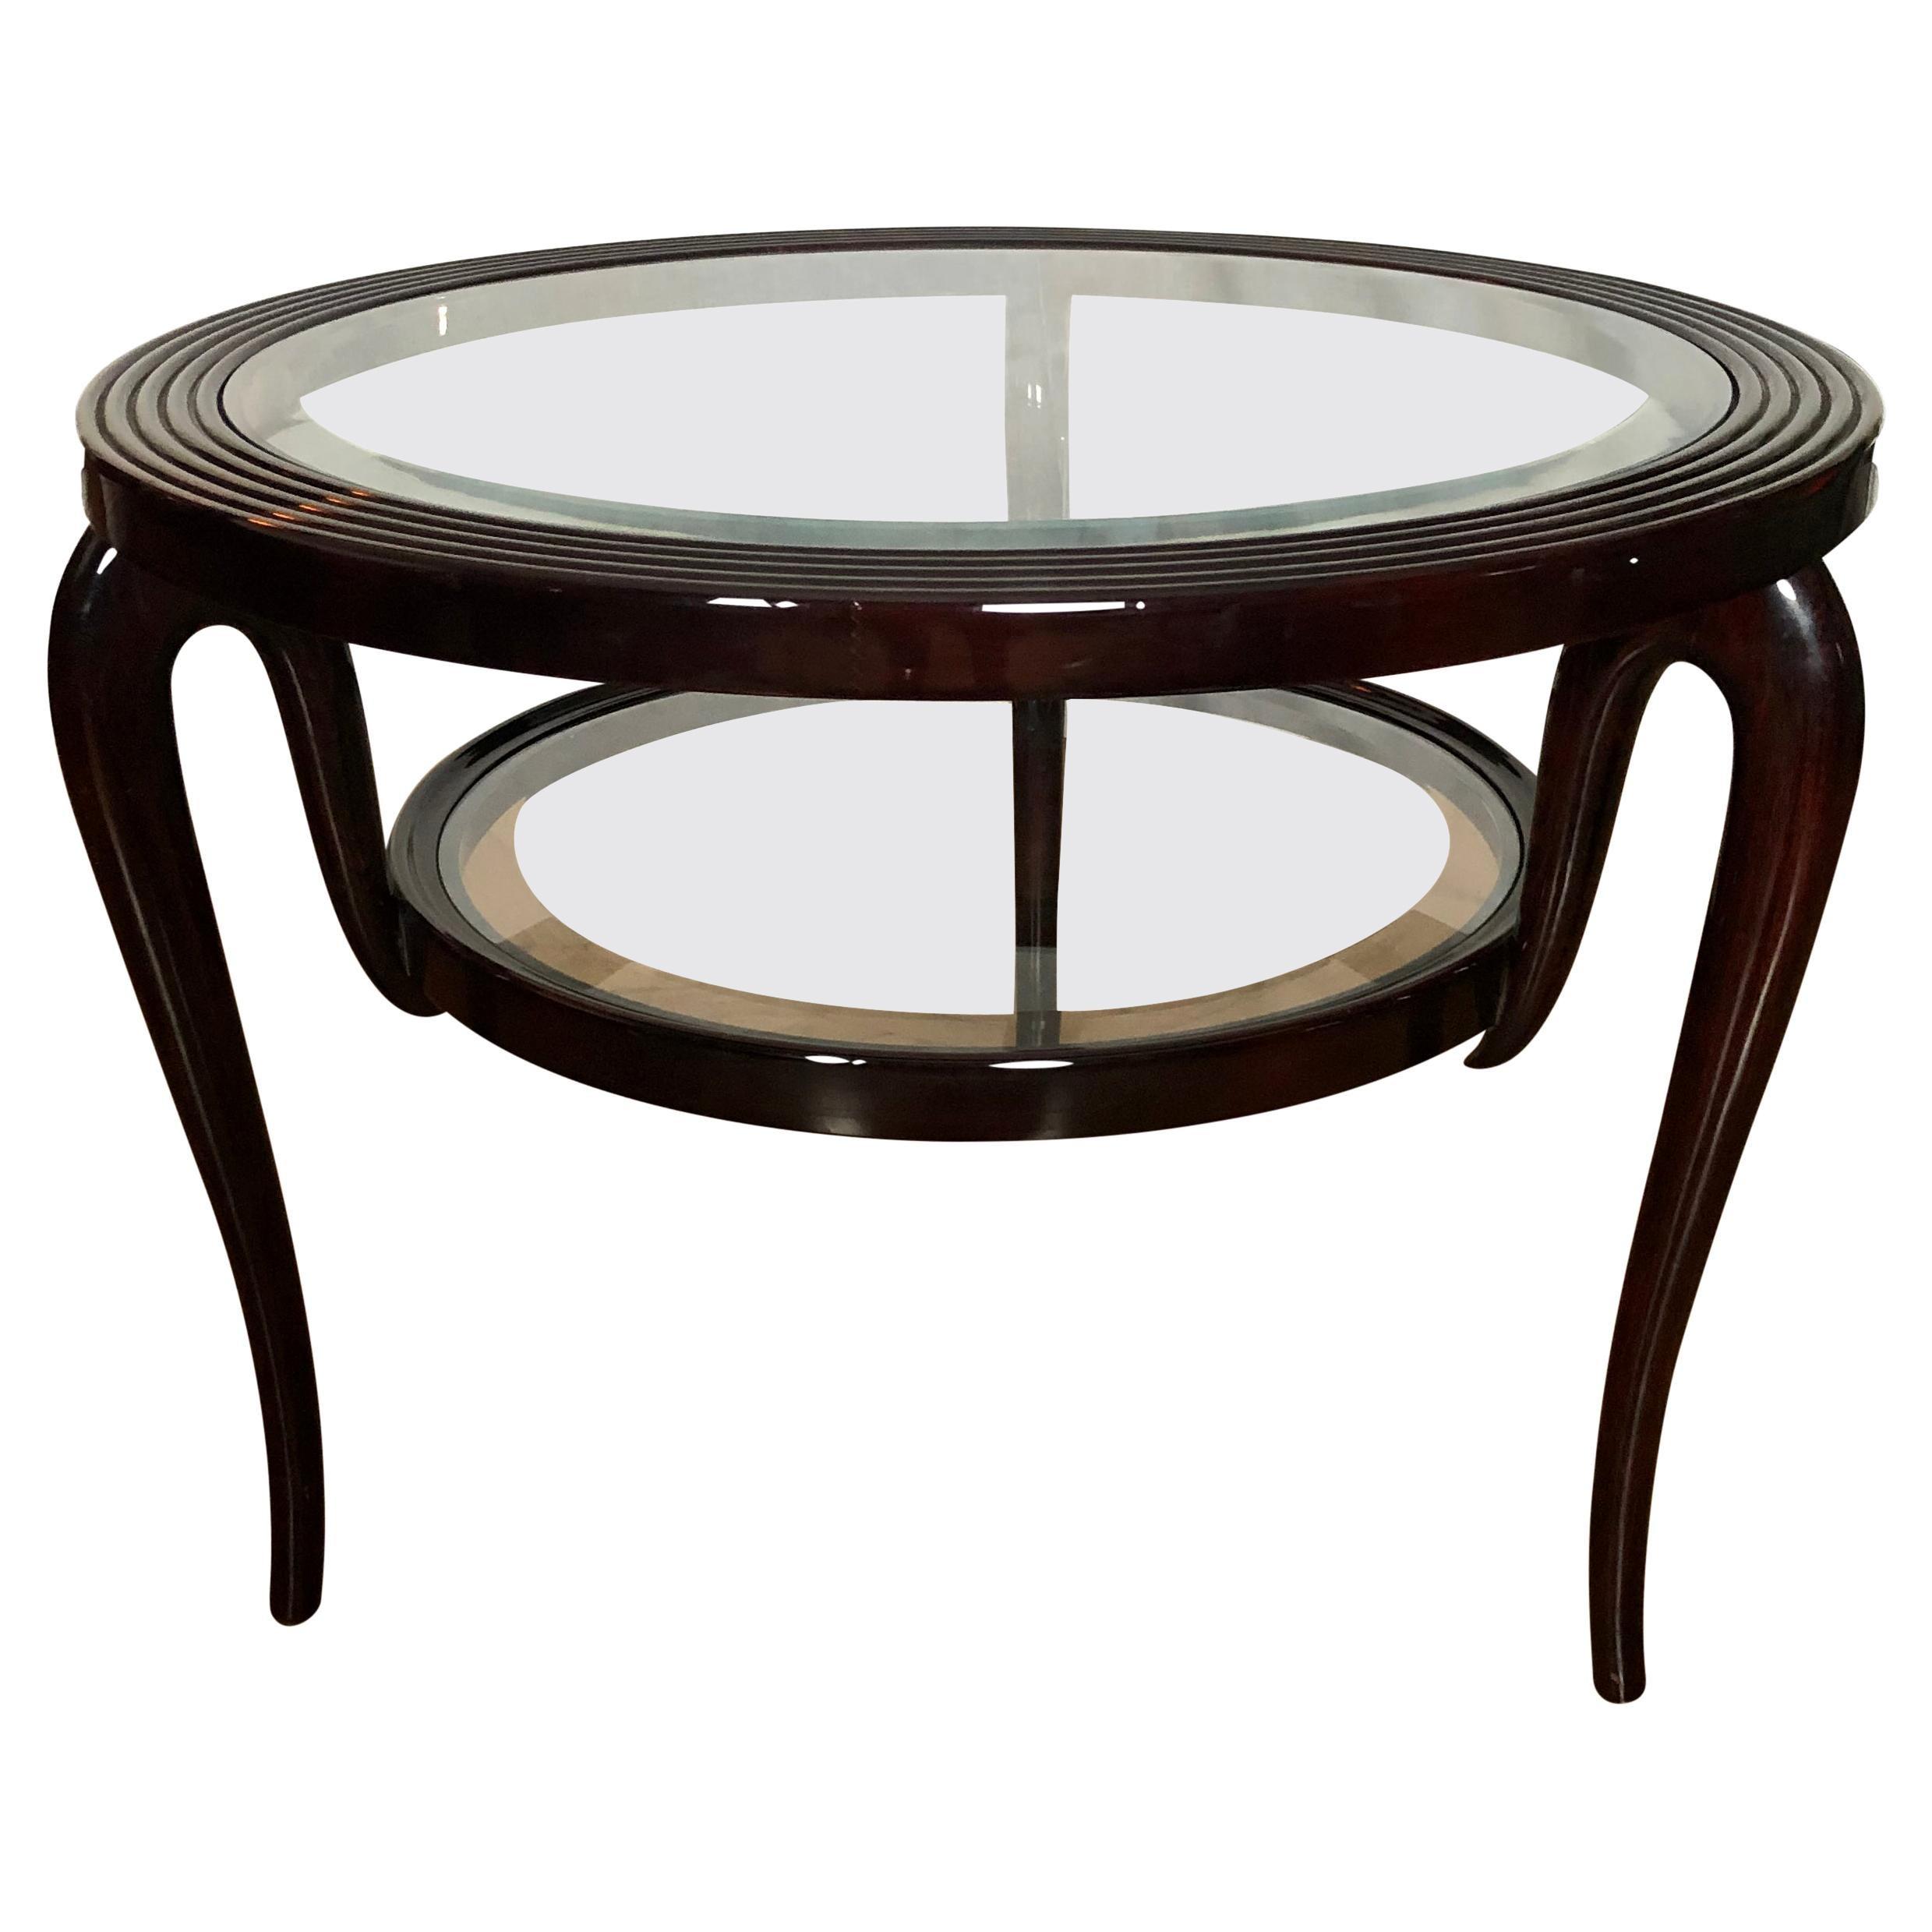 1950s Italian Circular Coffee Table